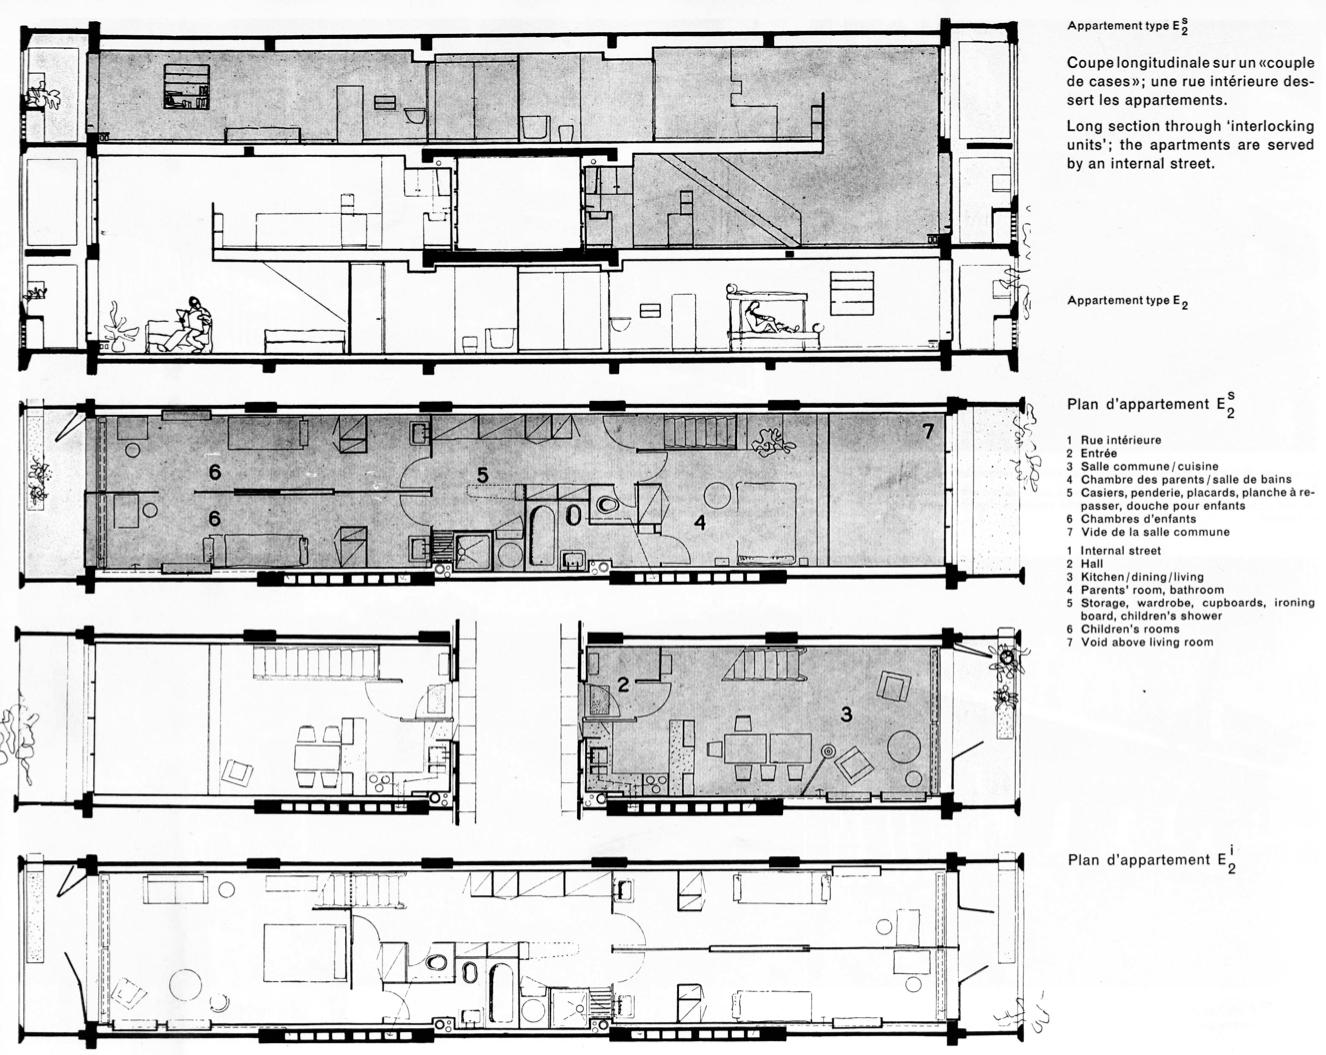 Unite D Habitation Le Corbusier Le Corbusier How To